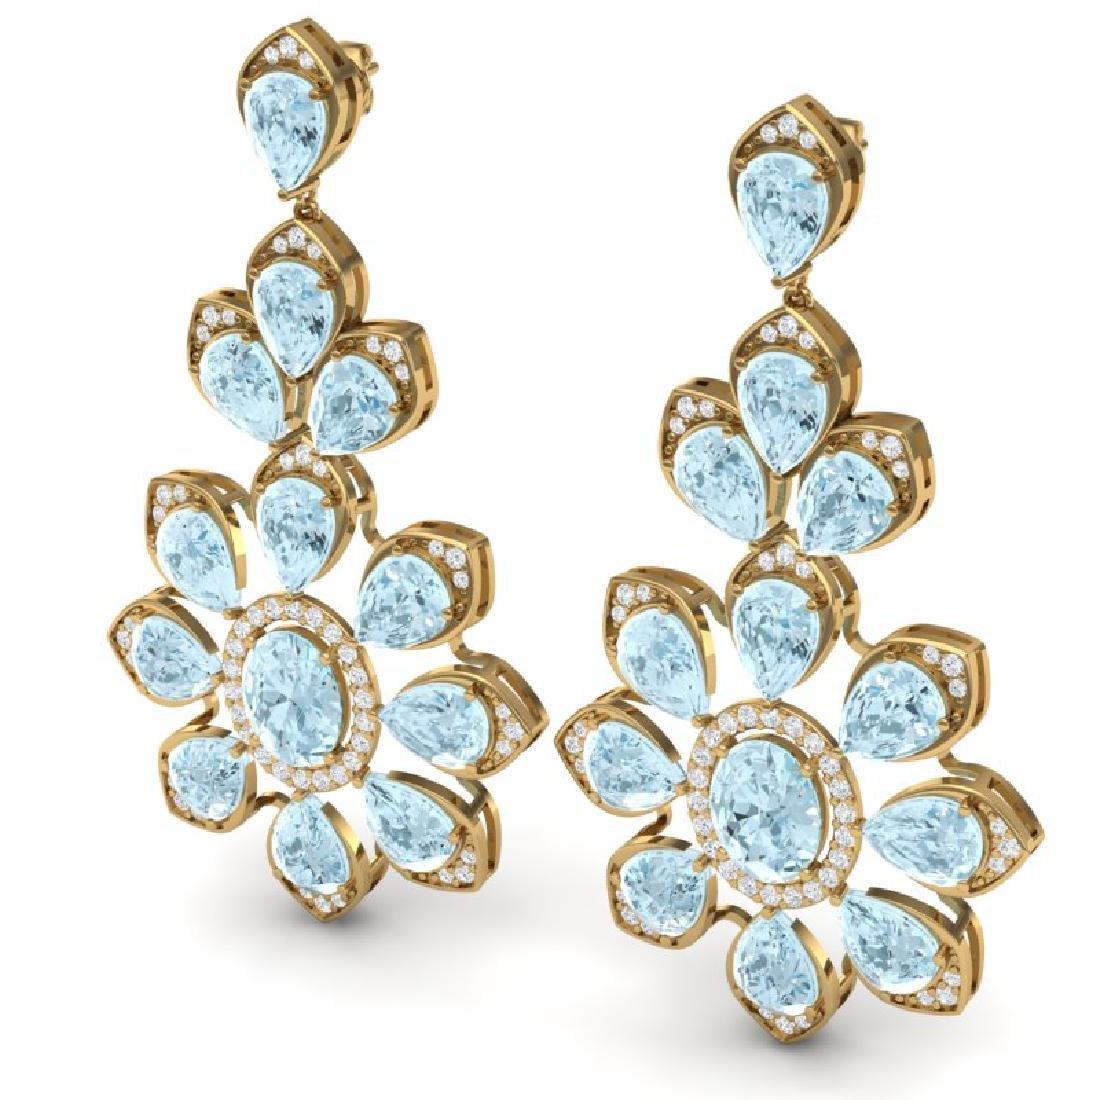 53.34 CTW Royalty Sky Topaz & VS Diamond Earrings 18K - 2